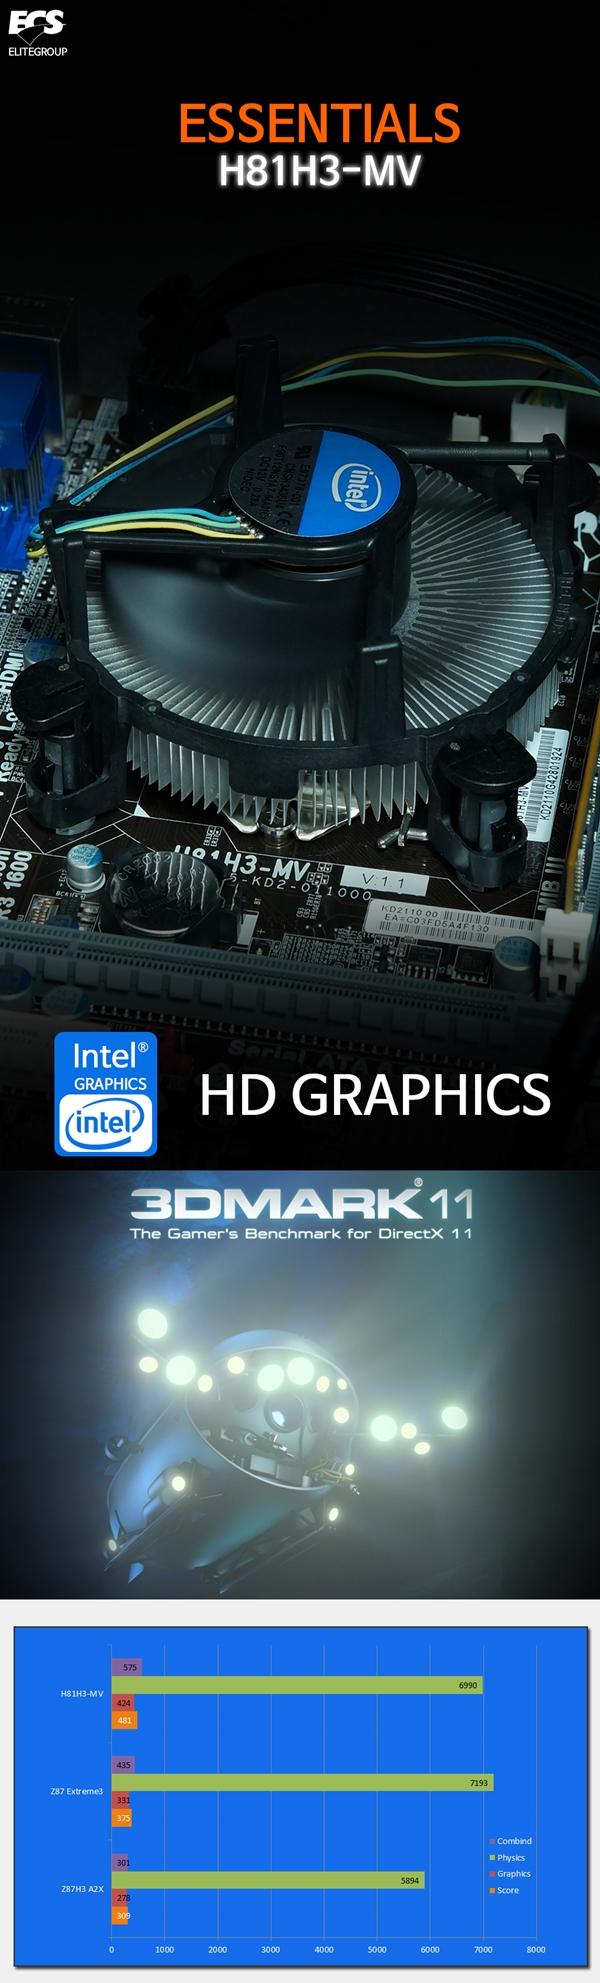 ECS H81H3 MV3DMARK-11.jpg